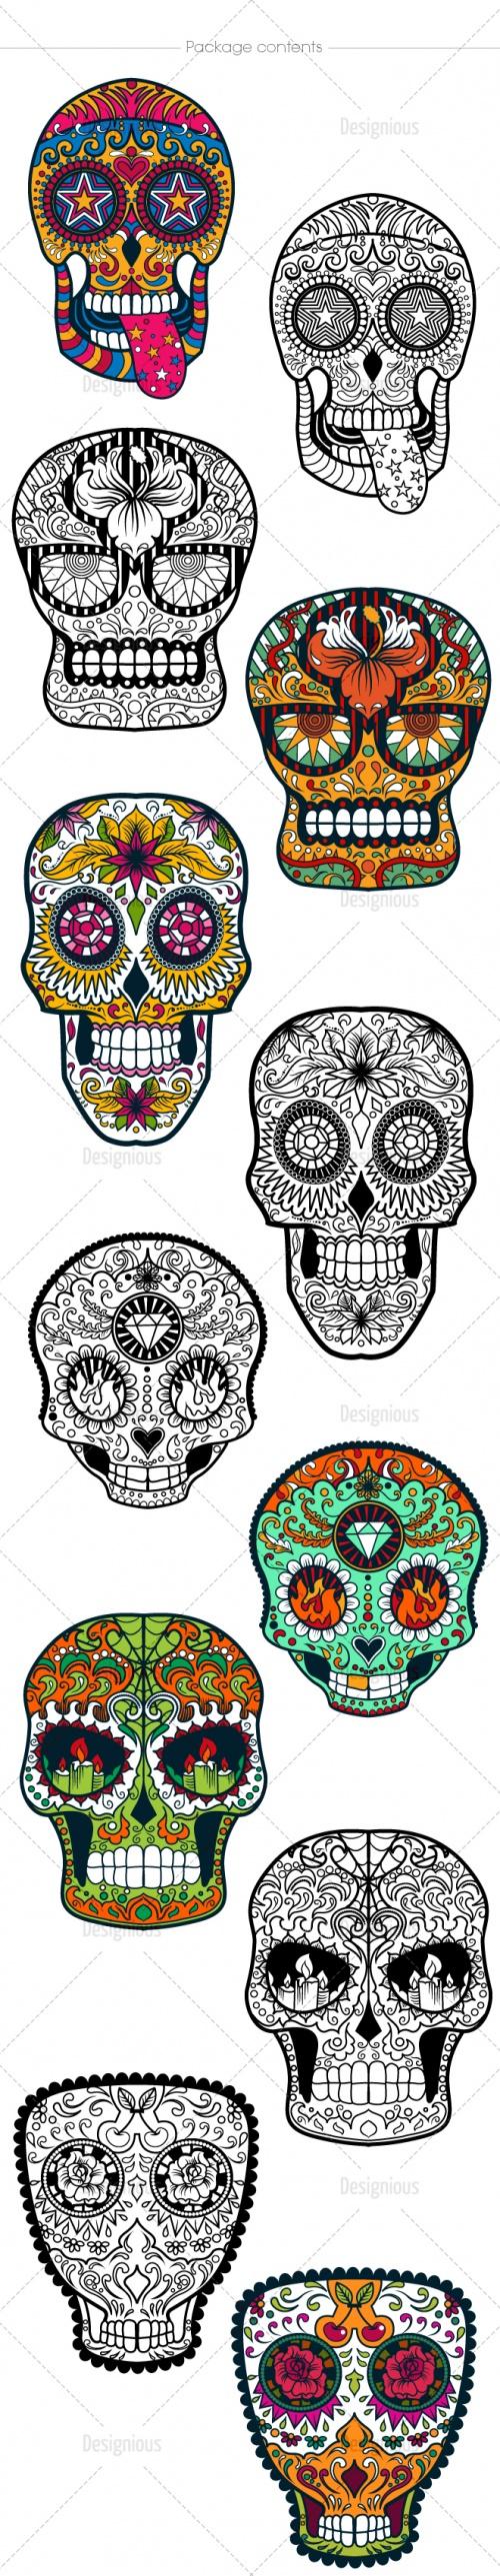 Sugar Skulls Vector Pack 39